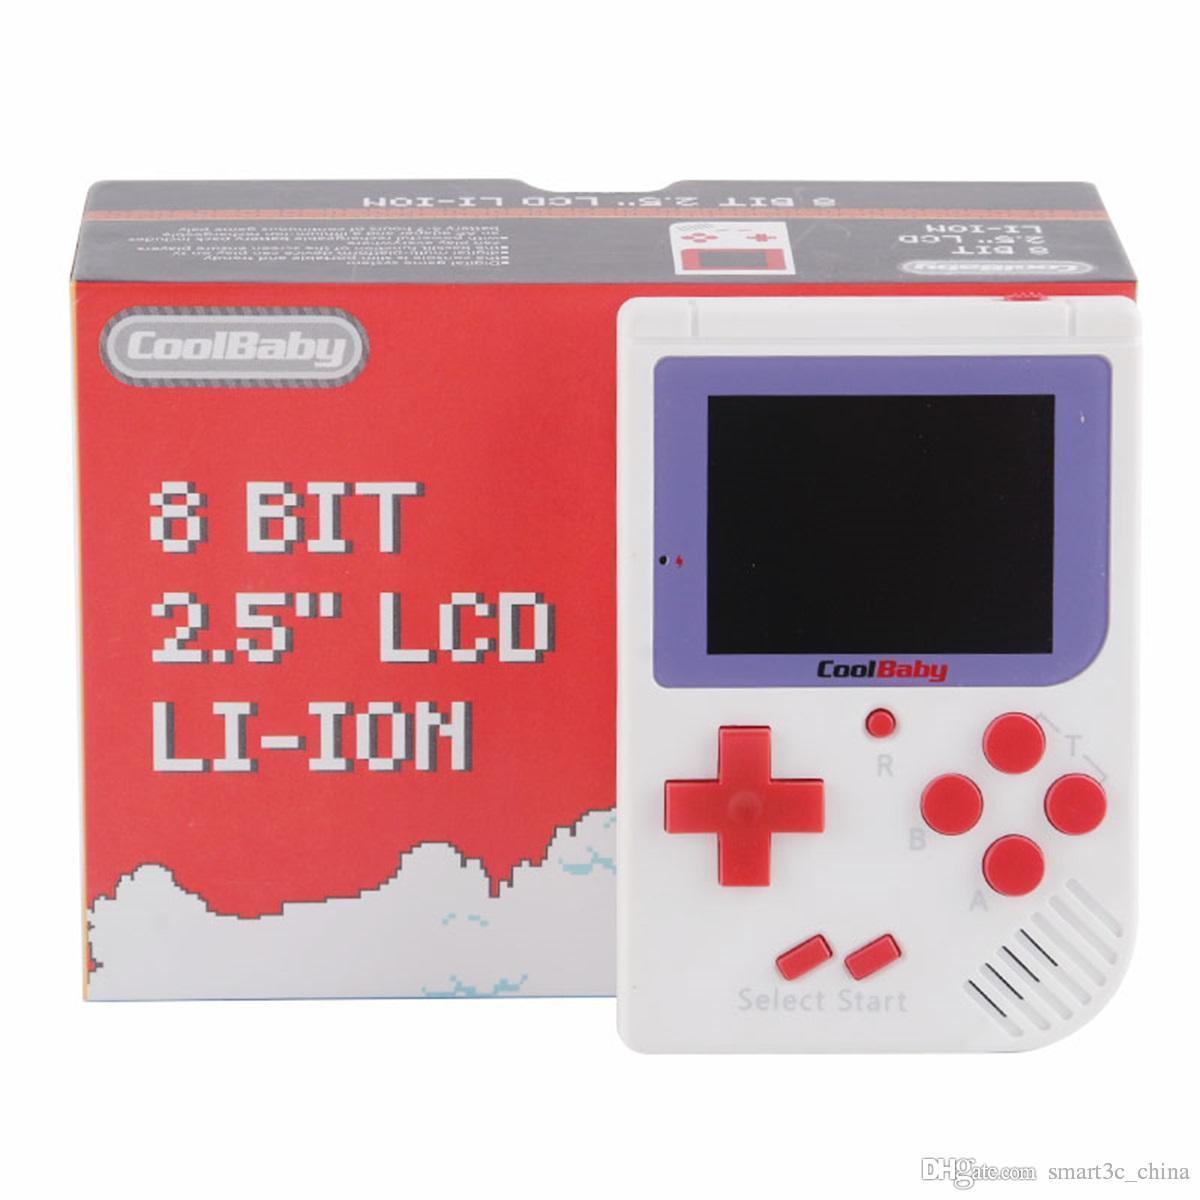 CoolBaby Mini Consoles de jeu portables RS-6 Portable Retro Mini Console de jeu Couleur LCD 2.0 pouces Lecteur d'Ecran Pour FC Jeu A-ZY by DHL